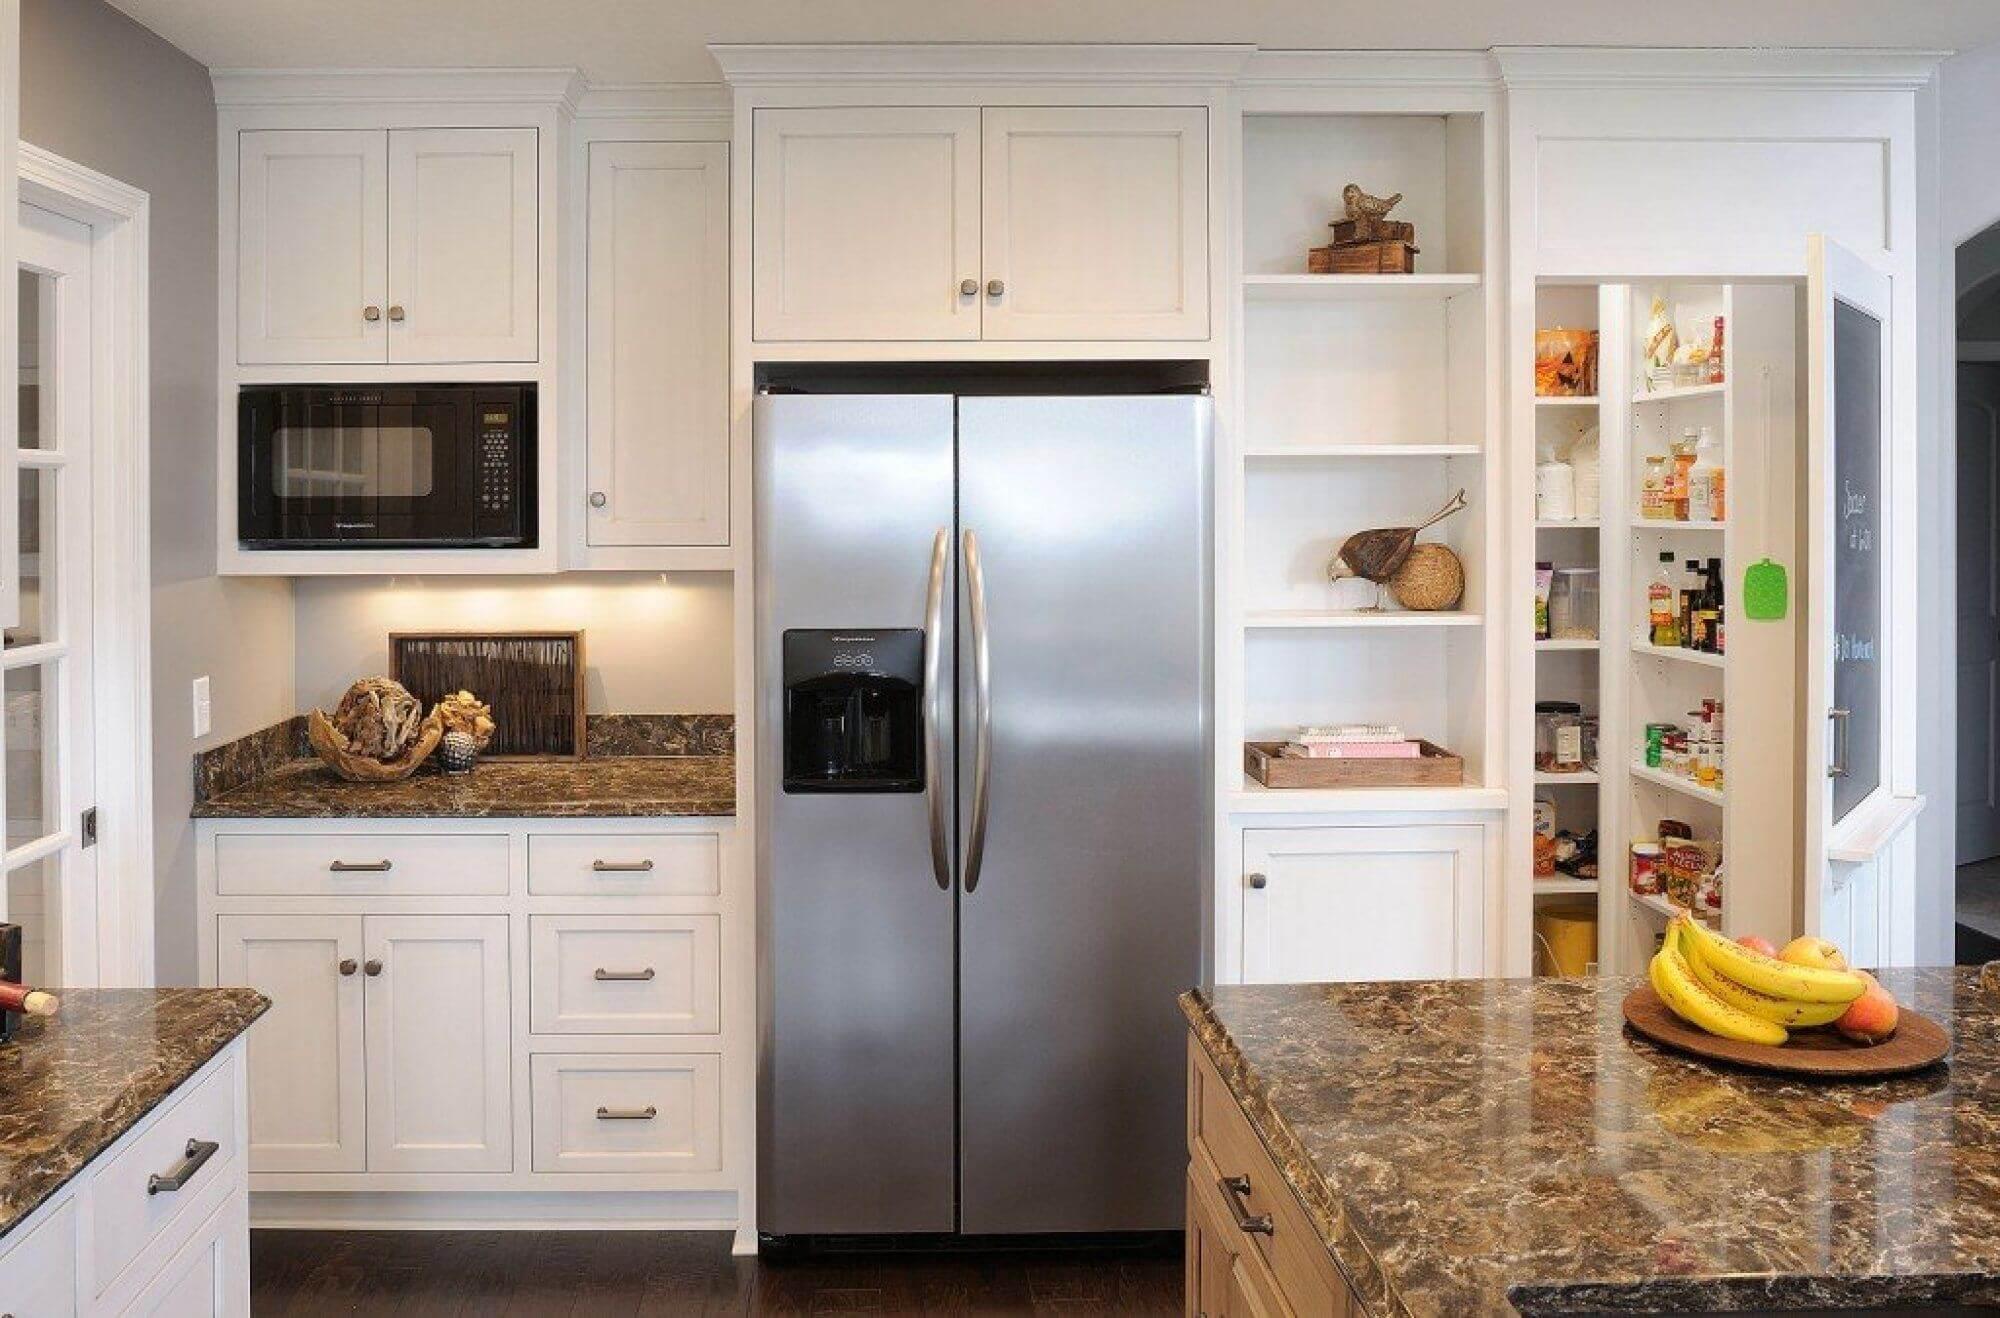 Как встроить обычный холодильник в шкаф своими руками: пошаговое руководство